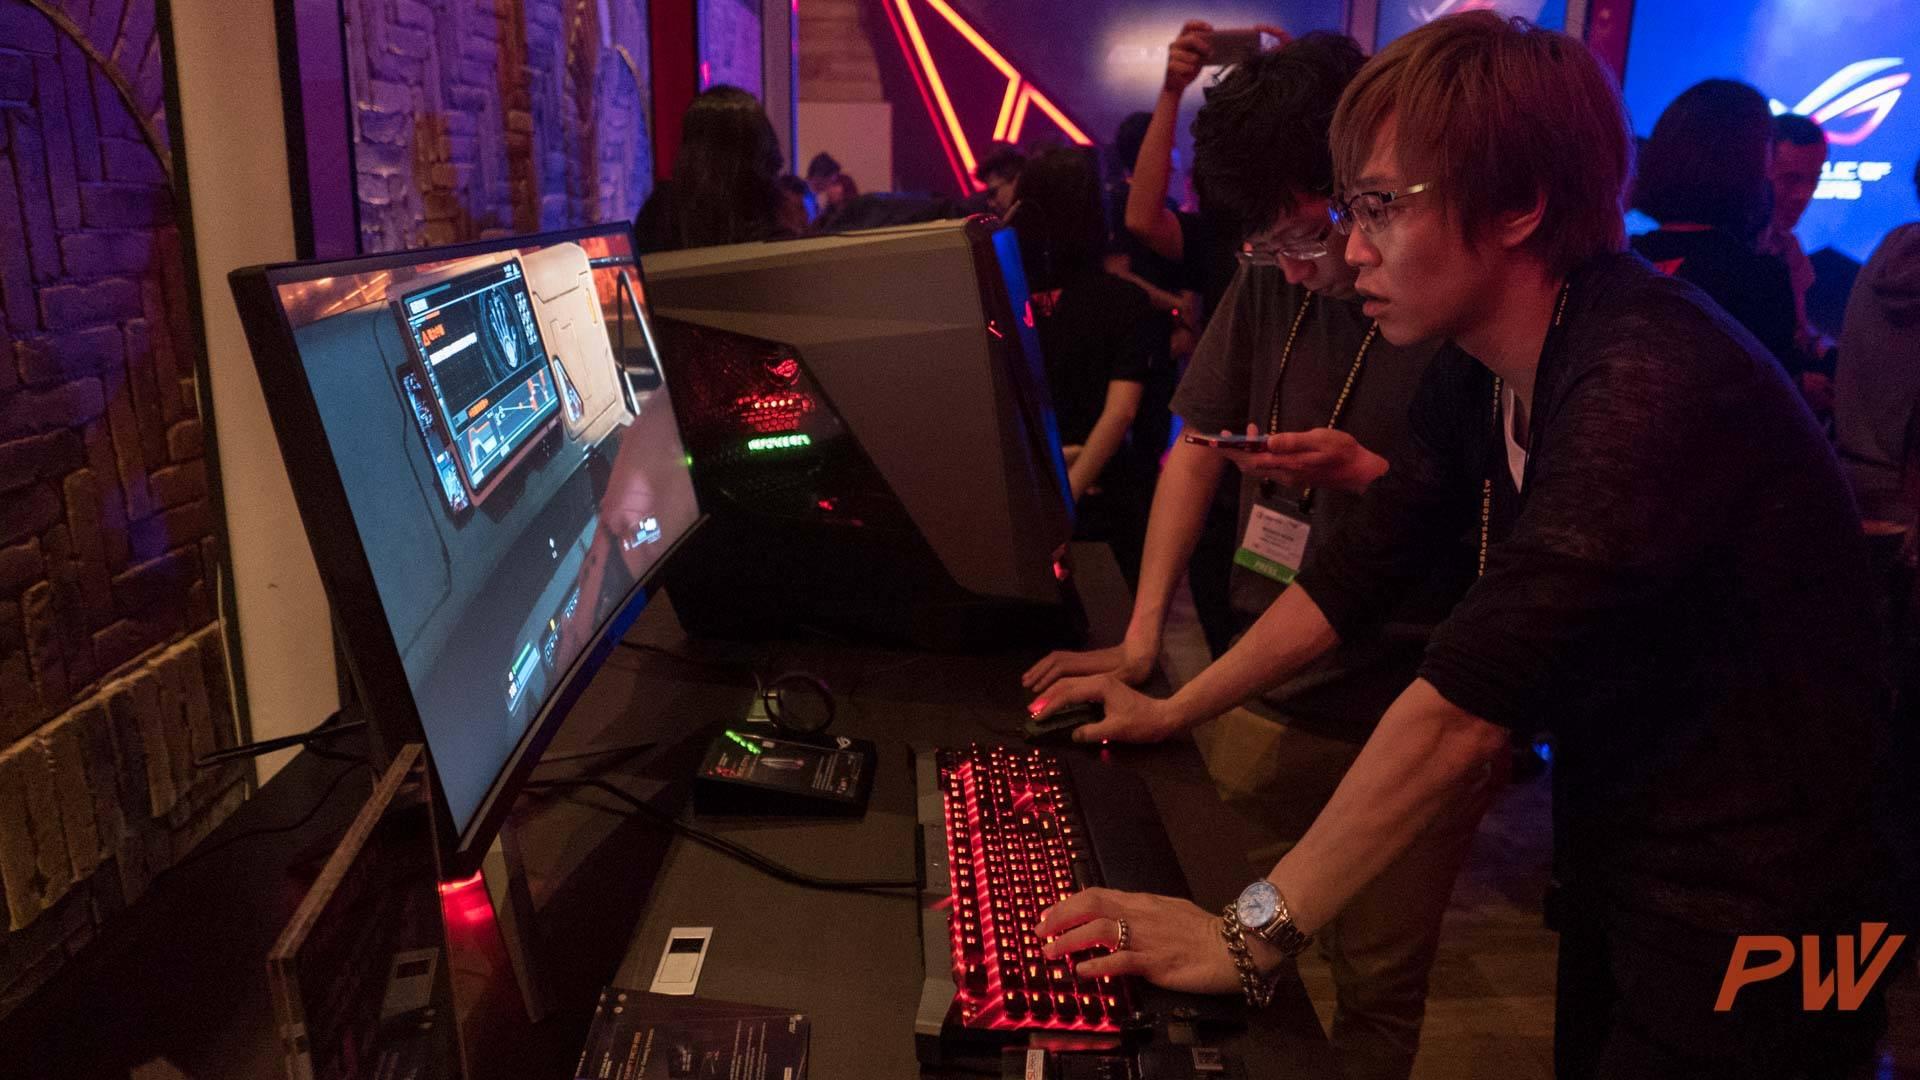 下辈子一定做个 Gamer,为了游戏可以辍学辞职、不眠不休的那种。